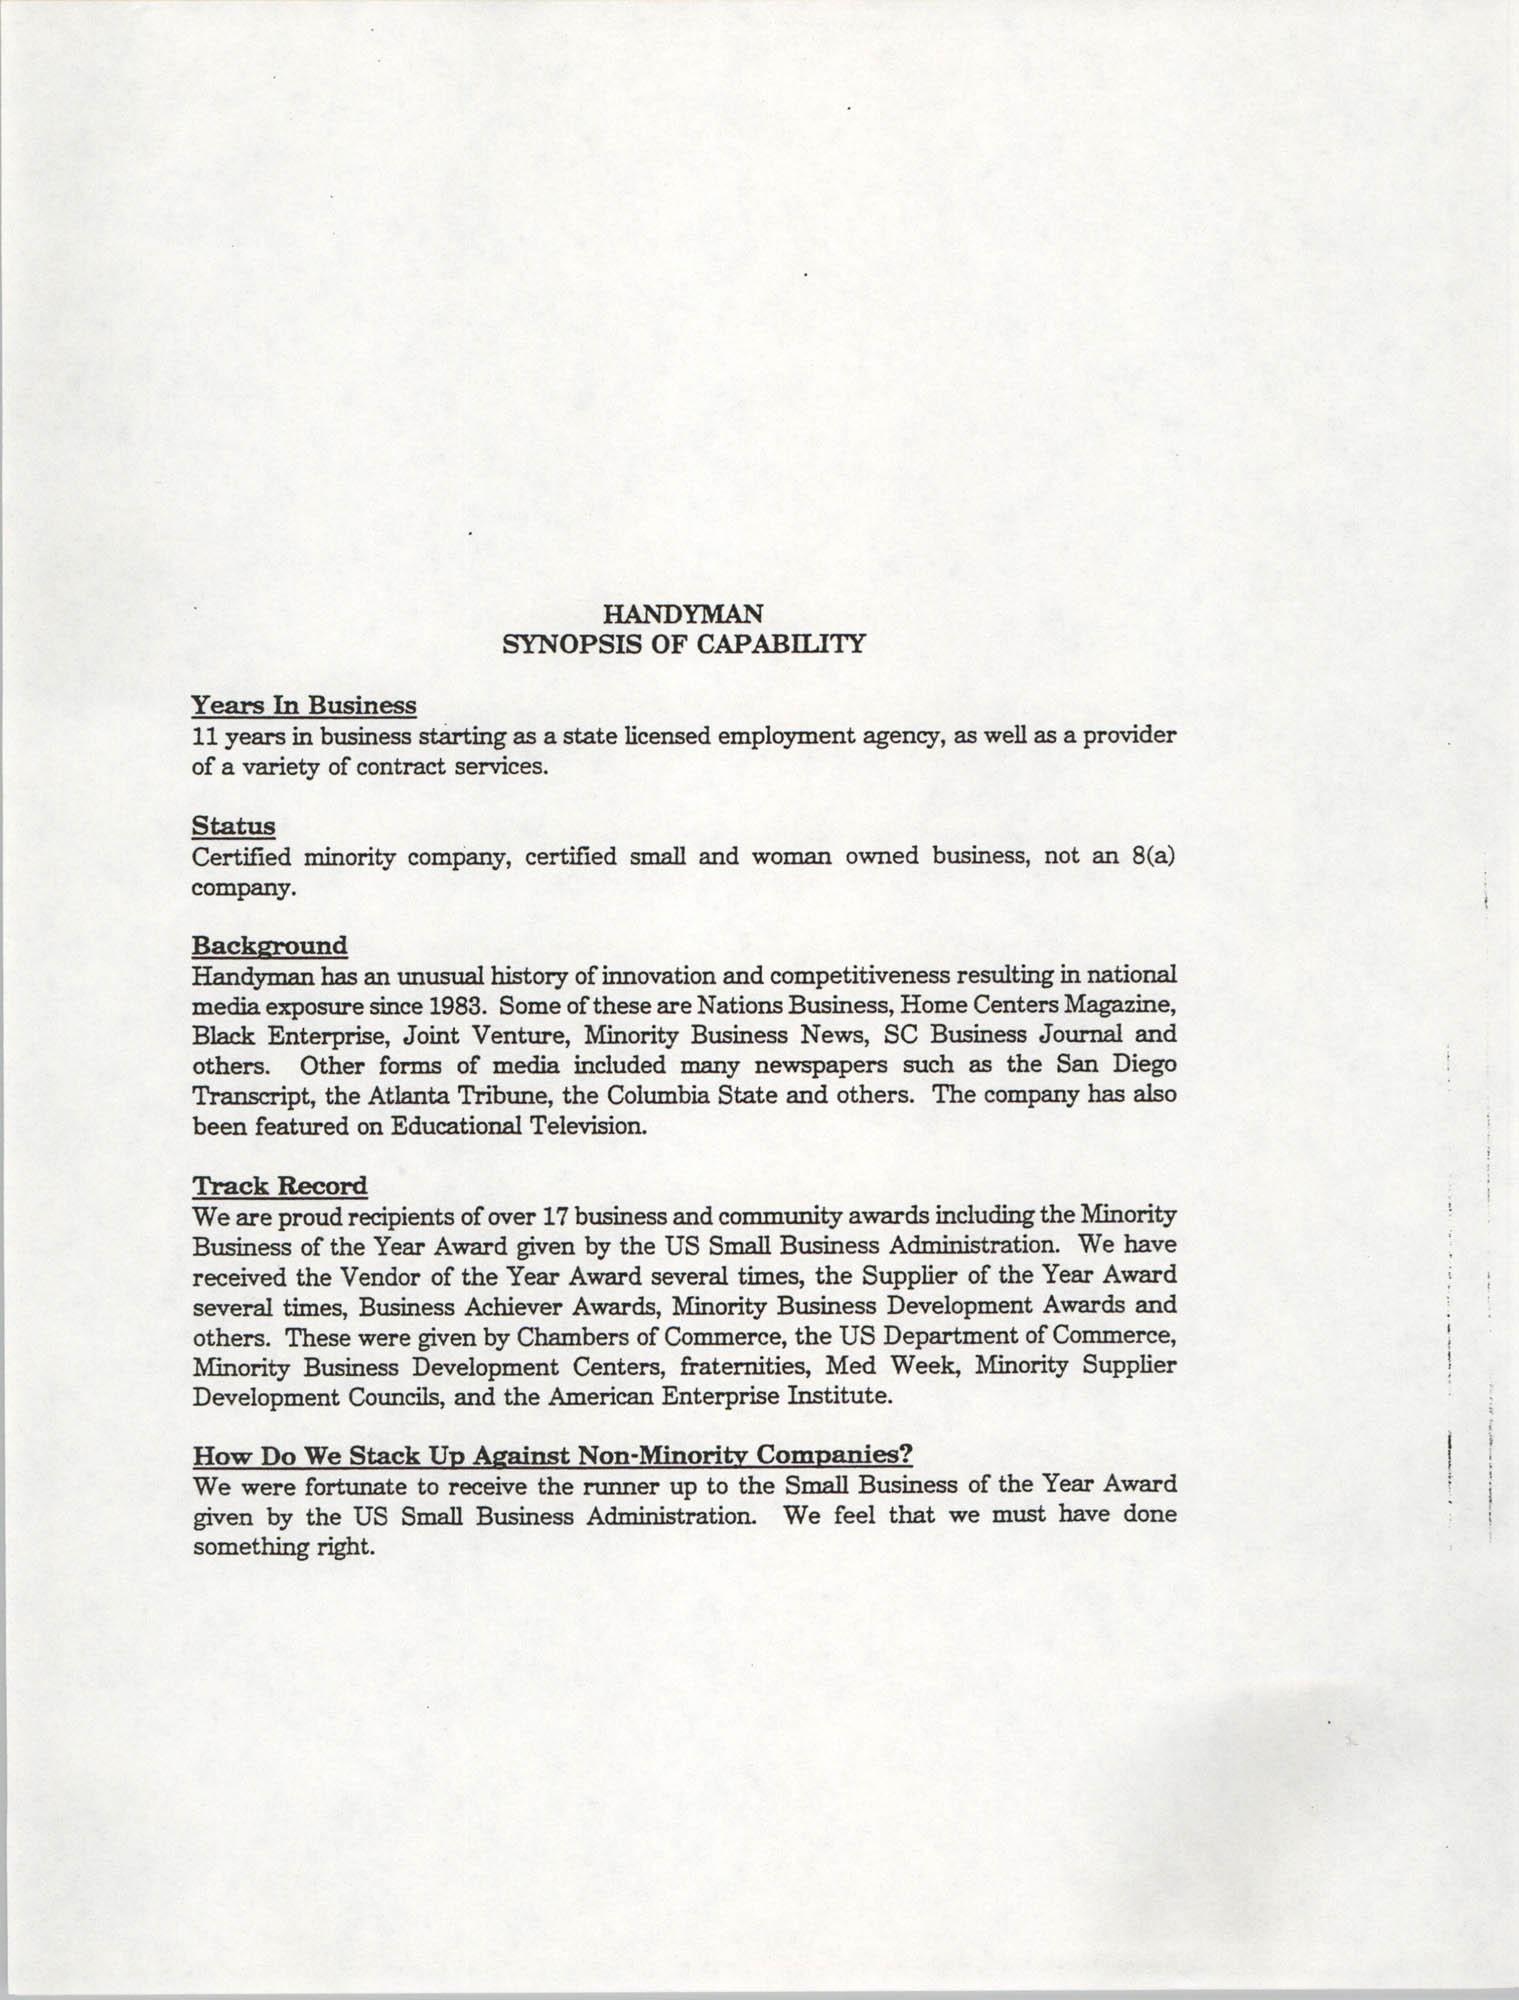 Handyman Network, Inc., Handyman Synopsis of Capability